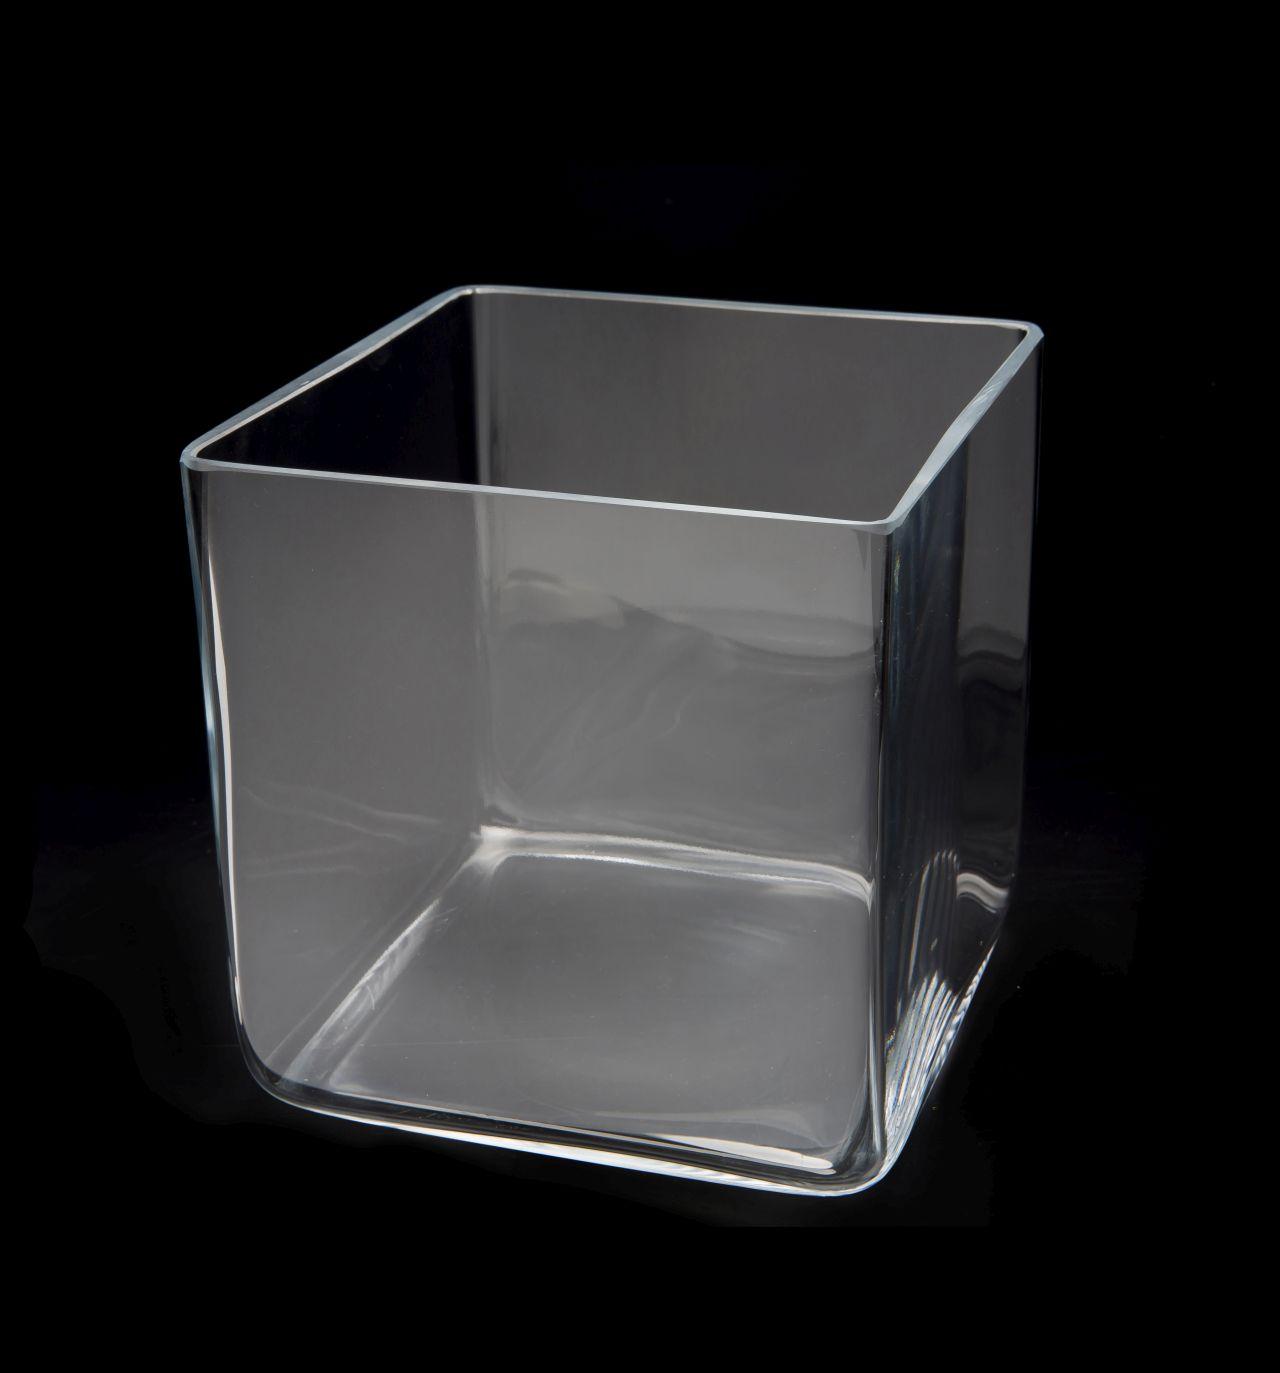 AQUAEL AquaDecoris Cube 20 x 20 x 20 cm 7L nano-aquarium pour crevettes, Betta et petits poissons